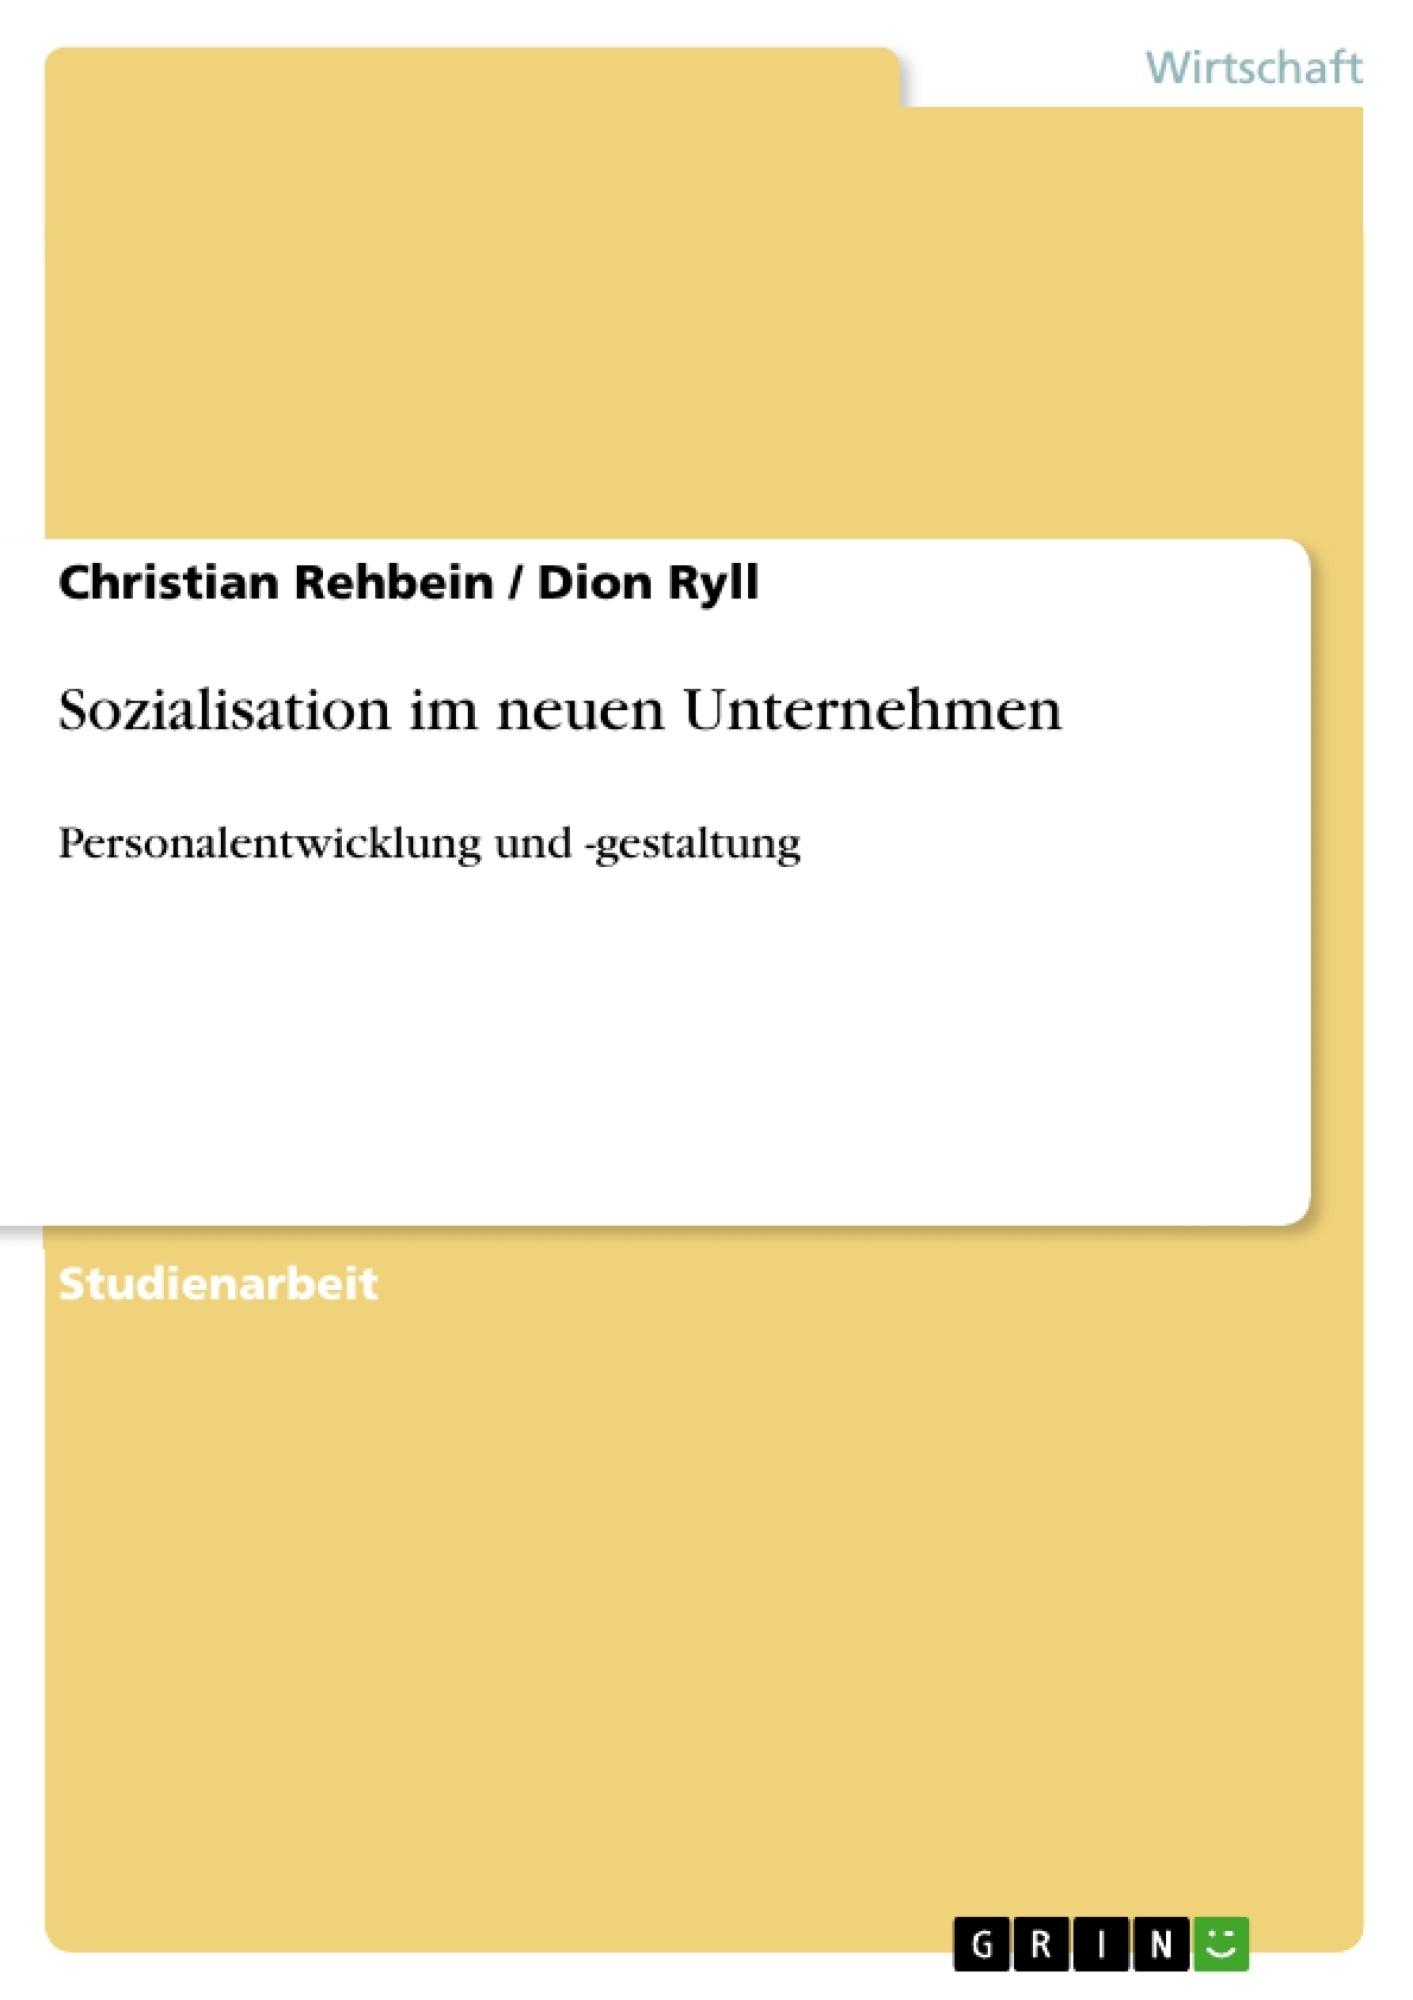 Titel: Sozialisation im neuen Unternehmen